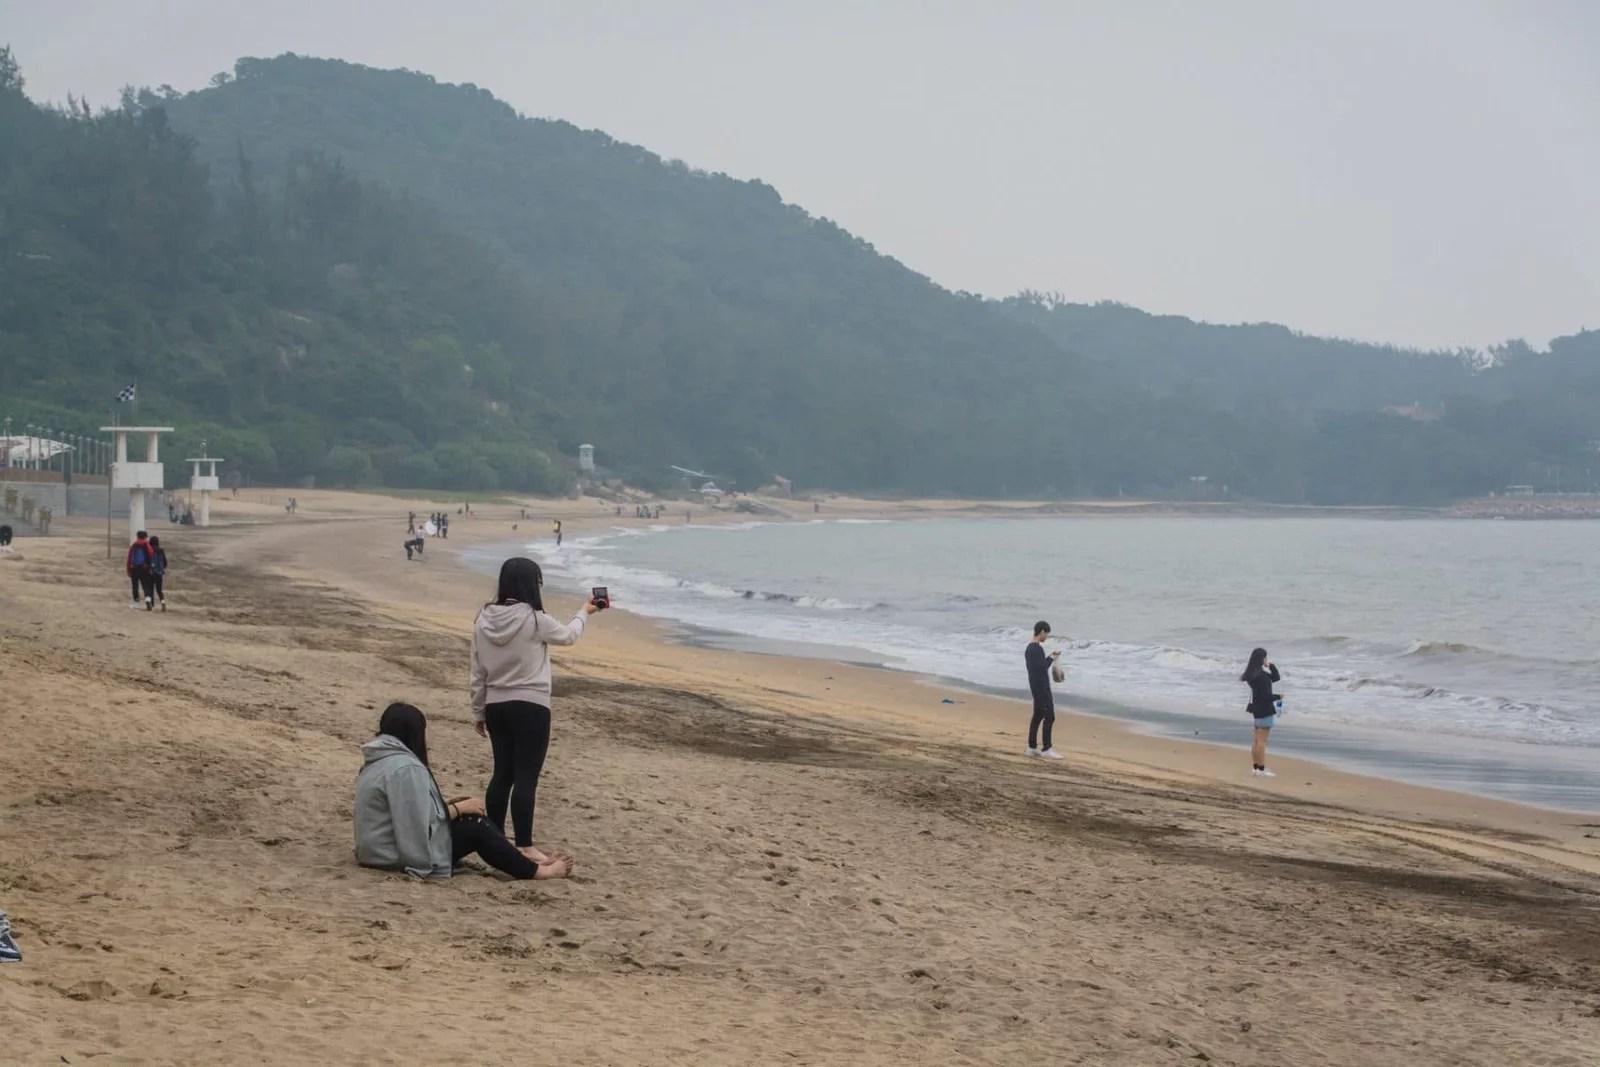 la plage de hac sa - macao